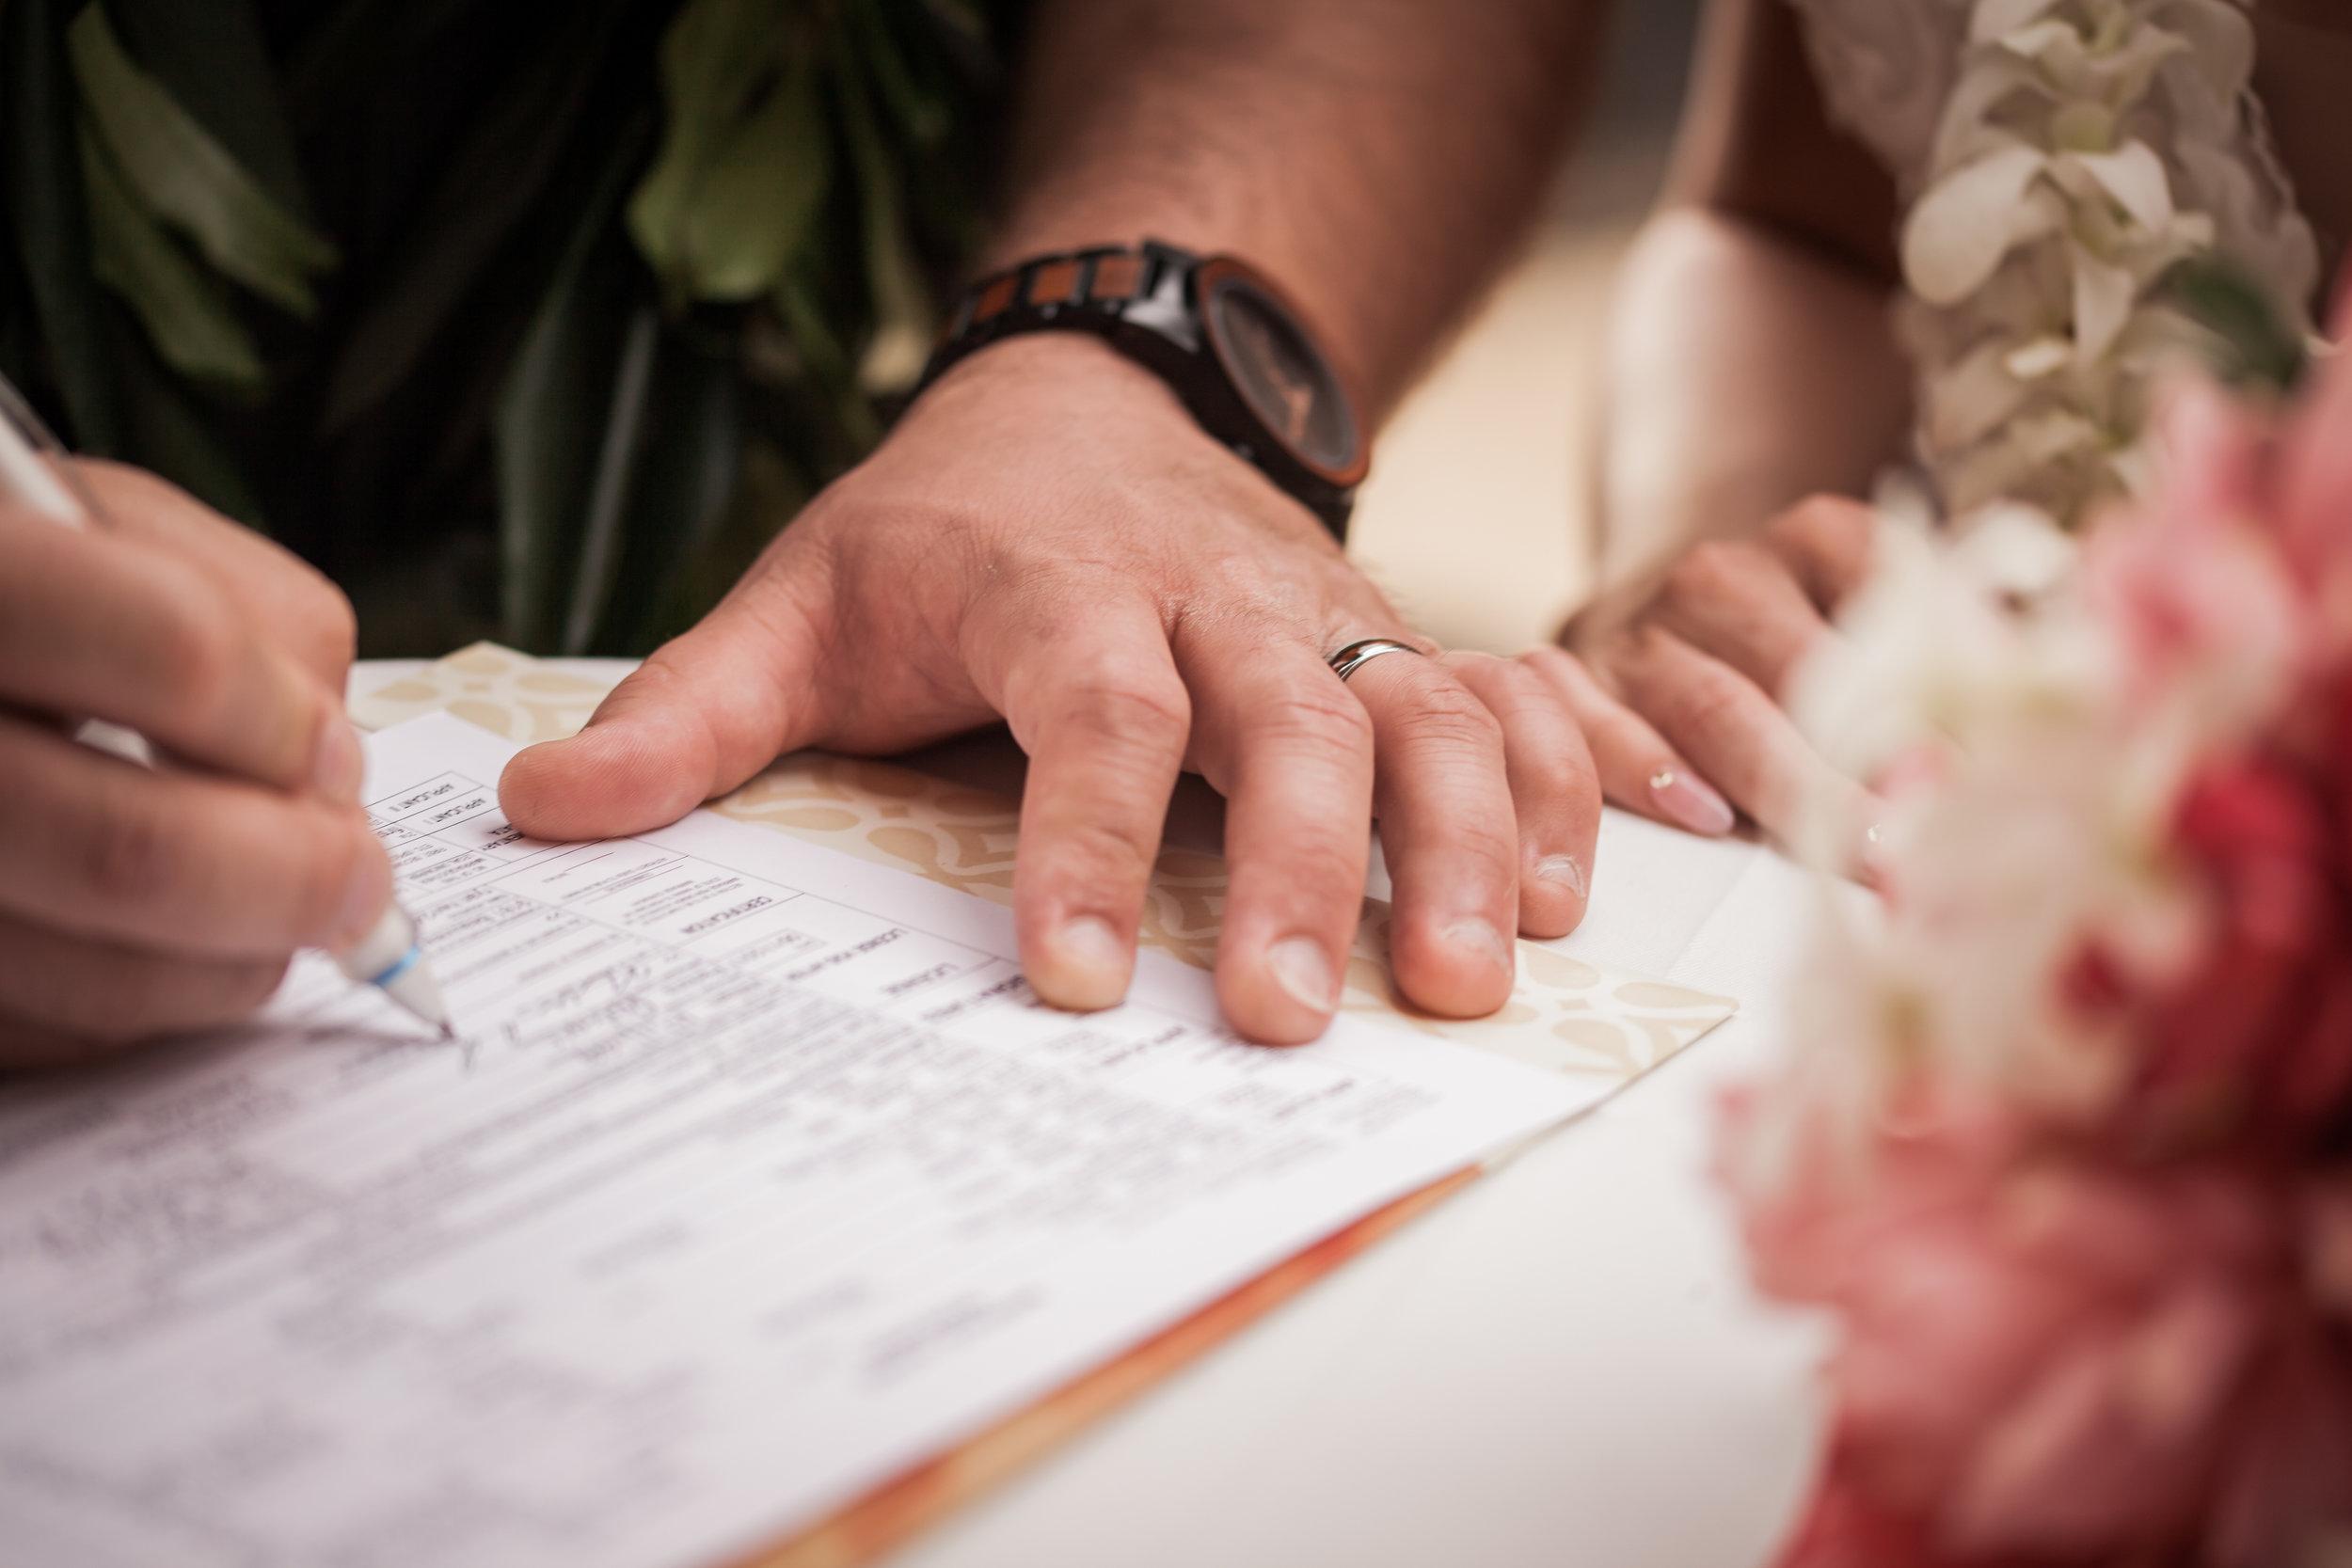 big island hawaii royal kona resort beach wedding © kelilina photography 20170520170531.jpg